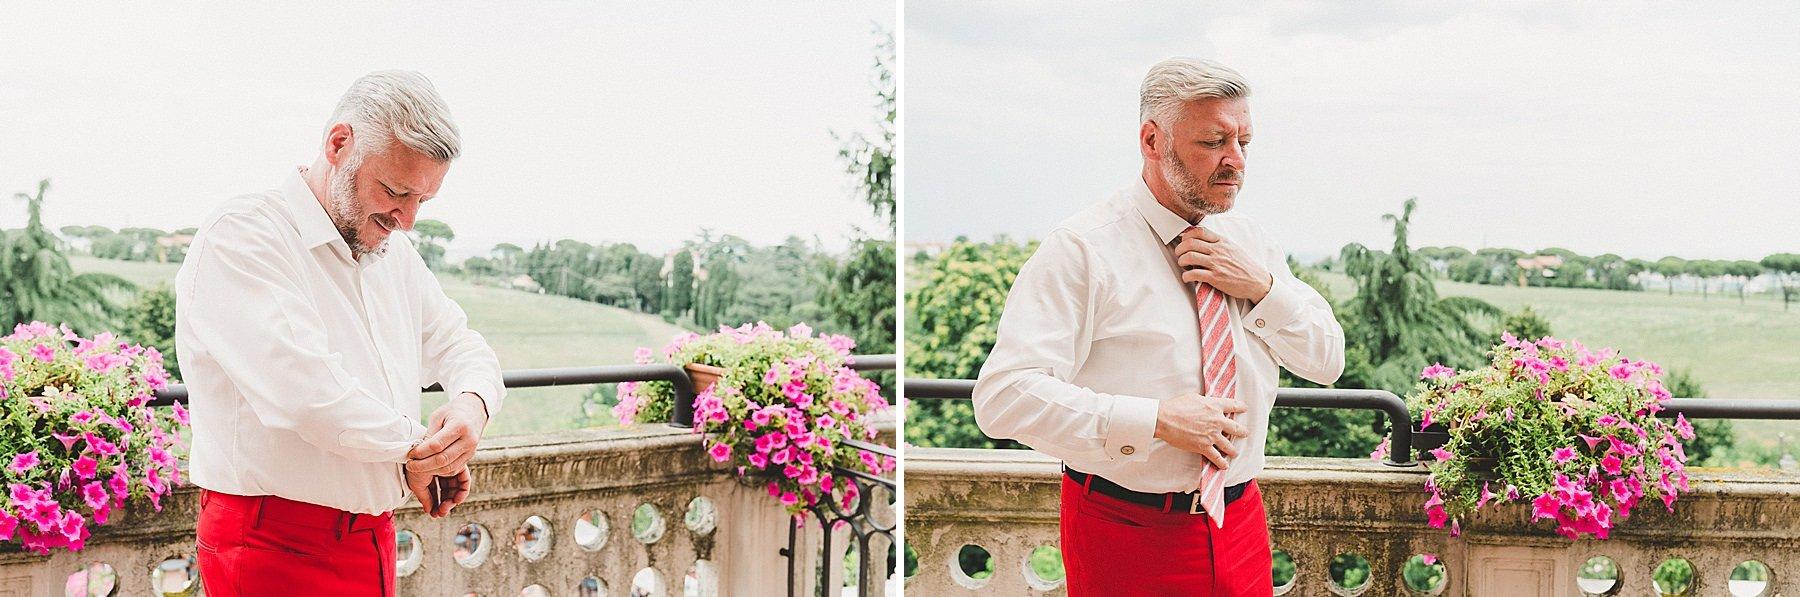 matrimonio a dozza preparazione sposo